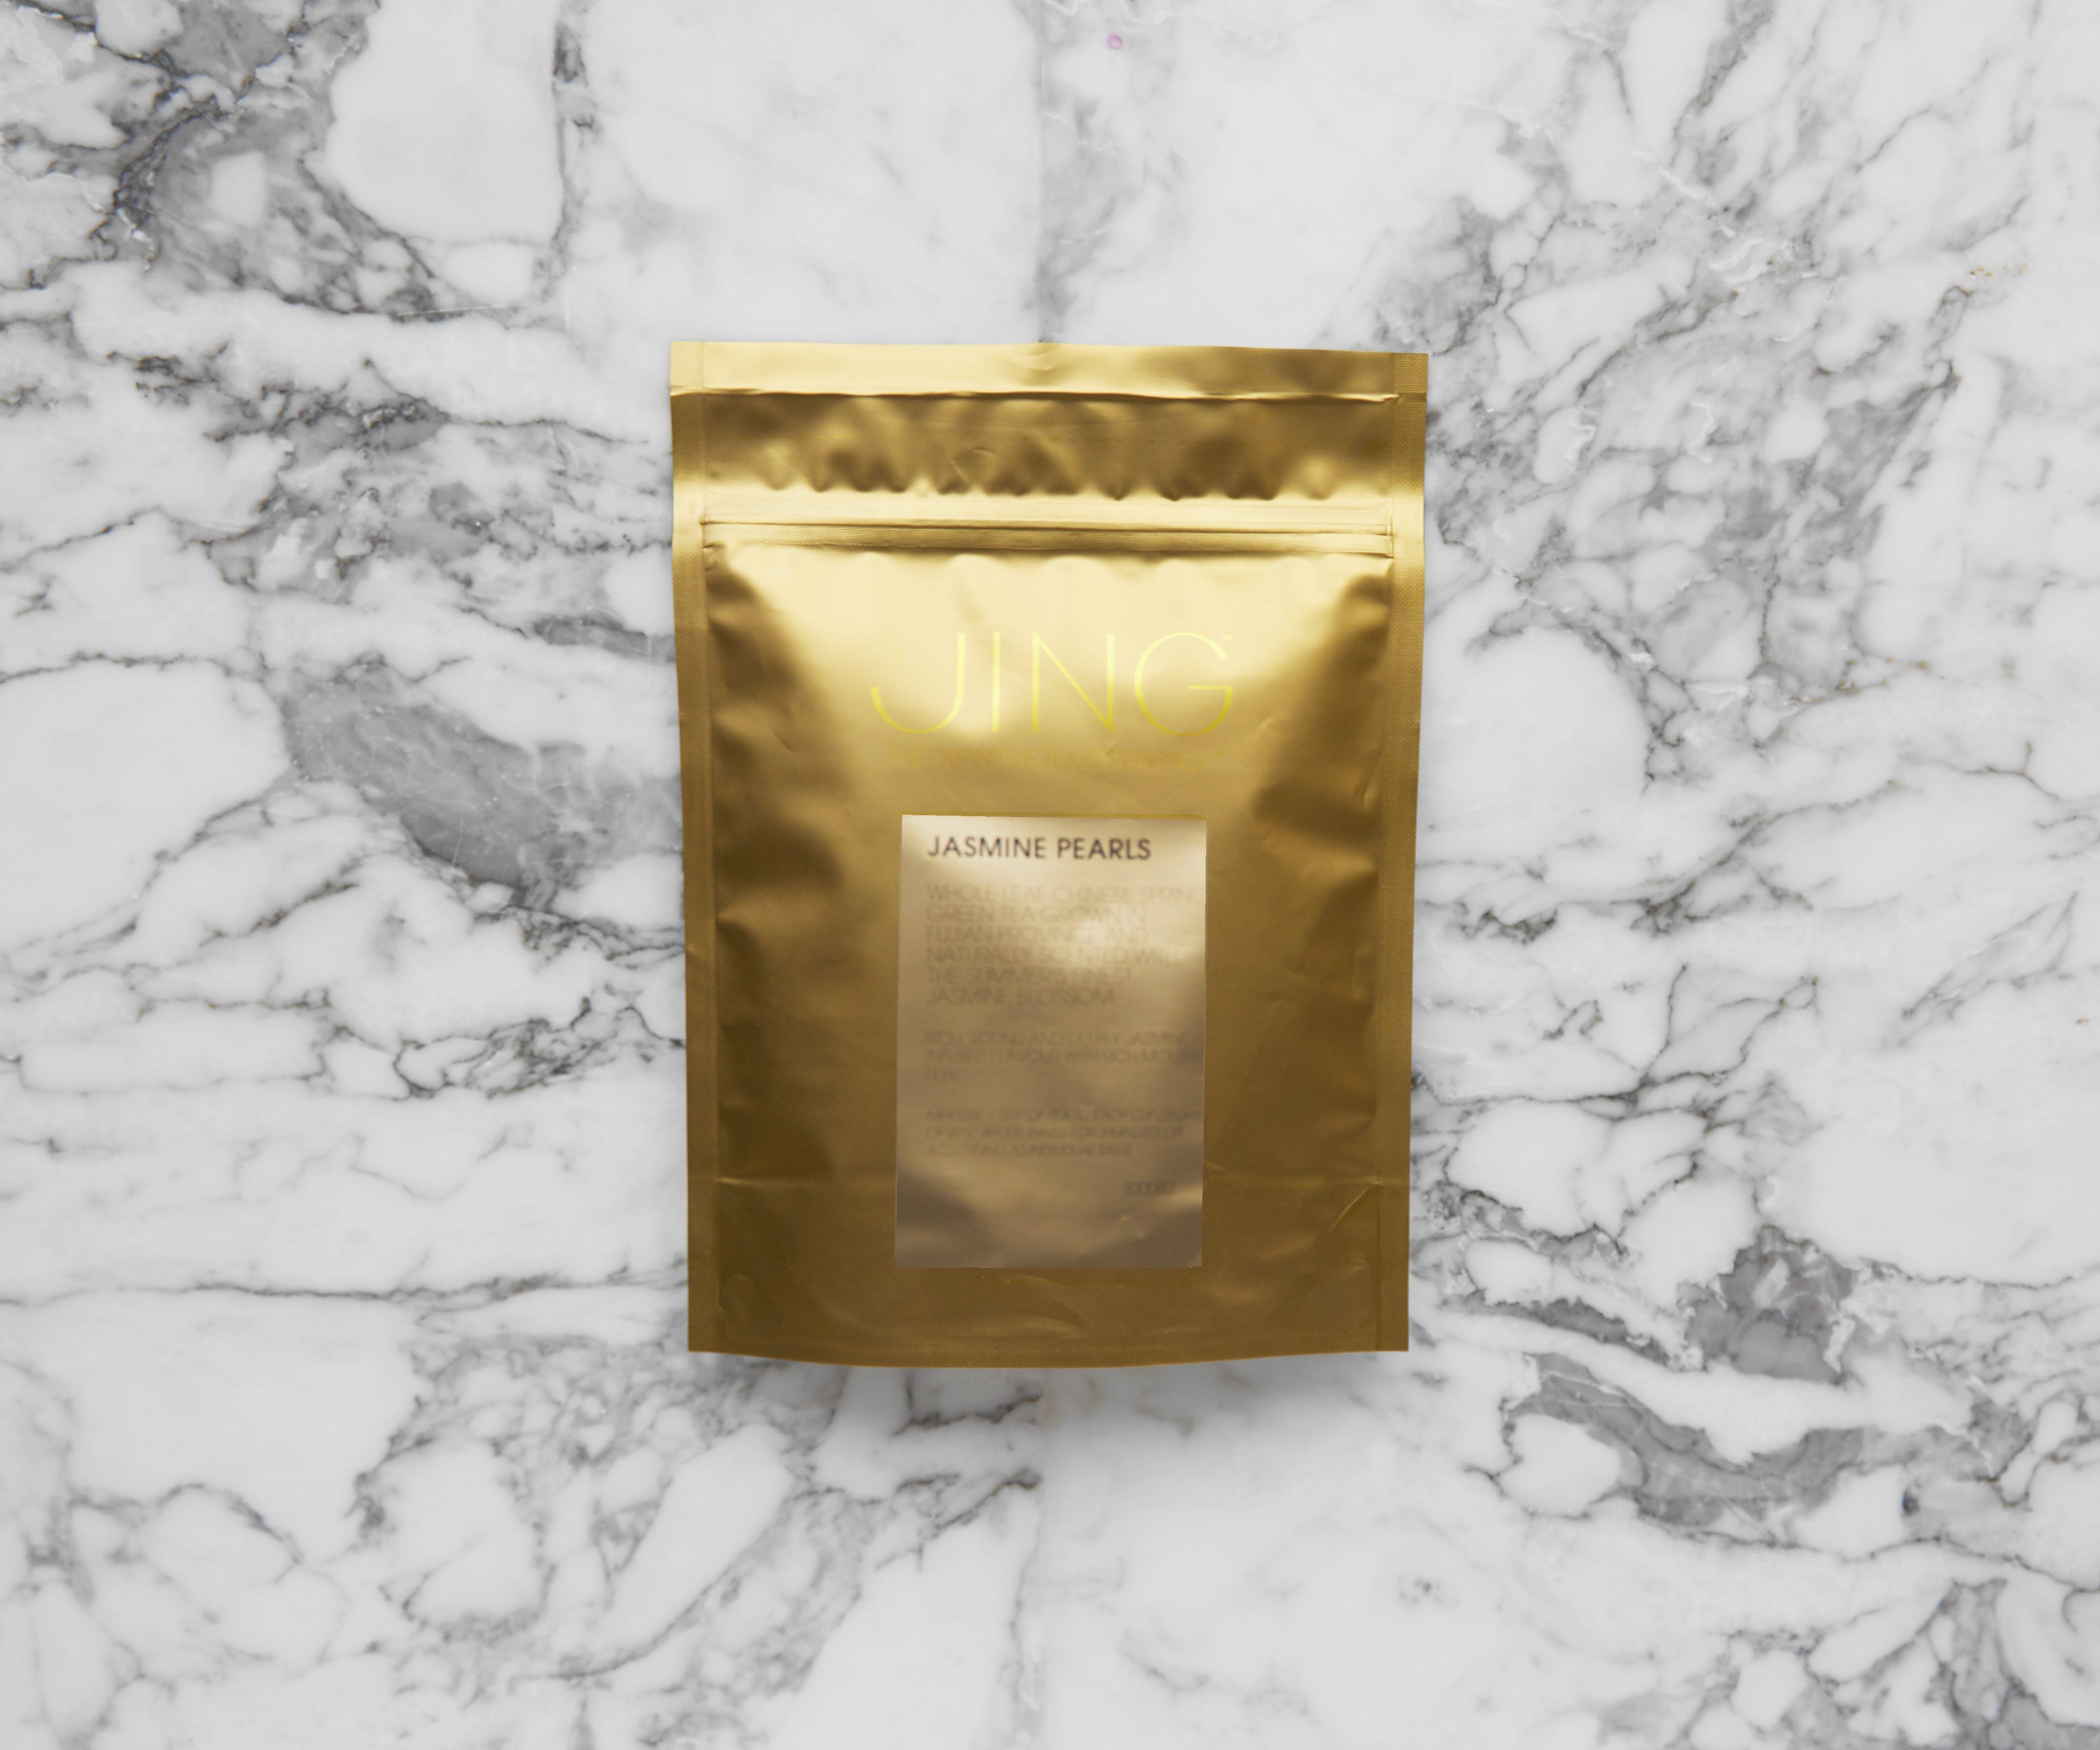 Loose Leaf Tea - Jasmine Pearls